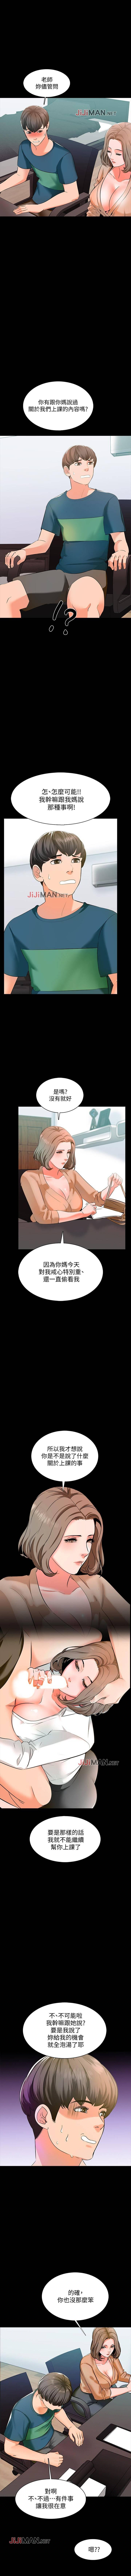 【周一连载】家教老师(作者: CreamMedia) 第1~44话 48